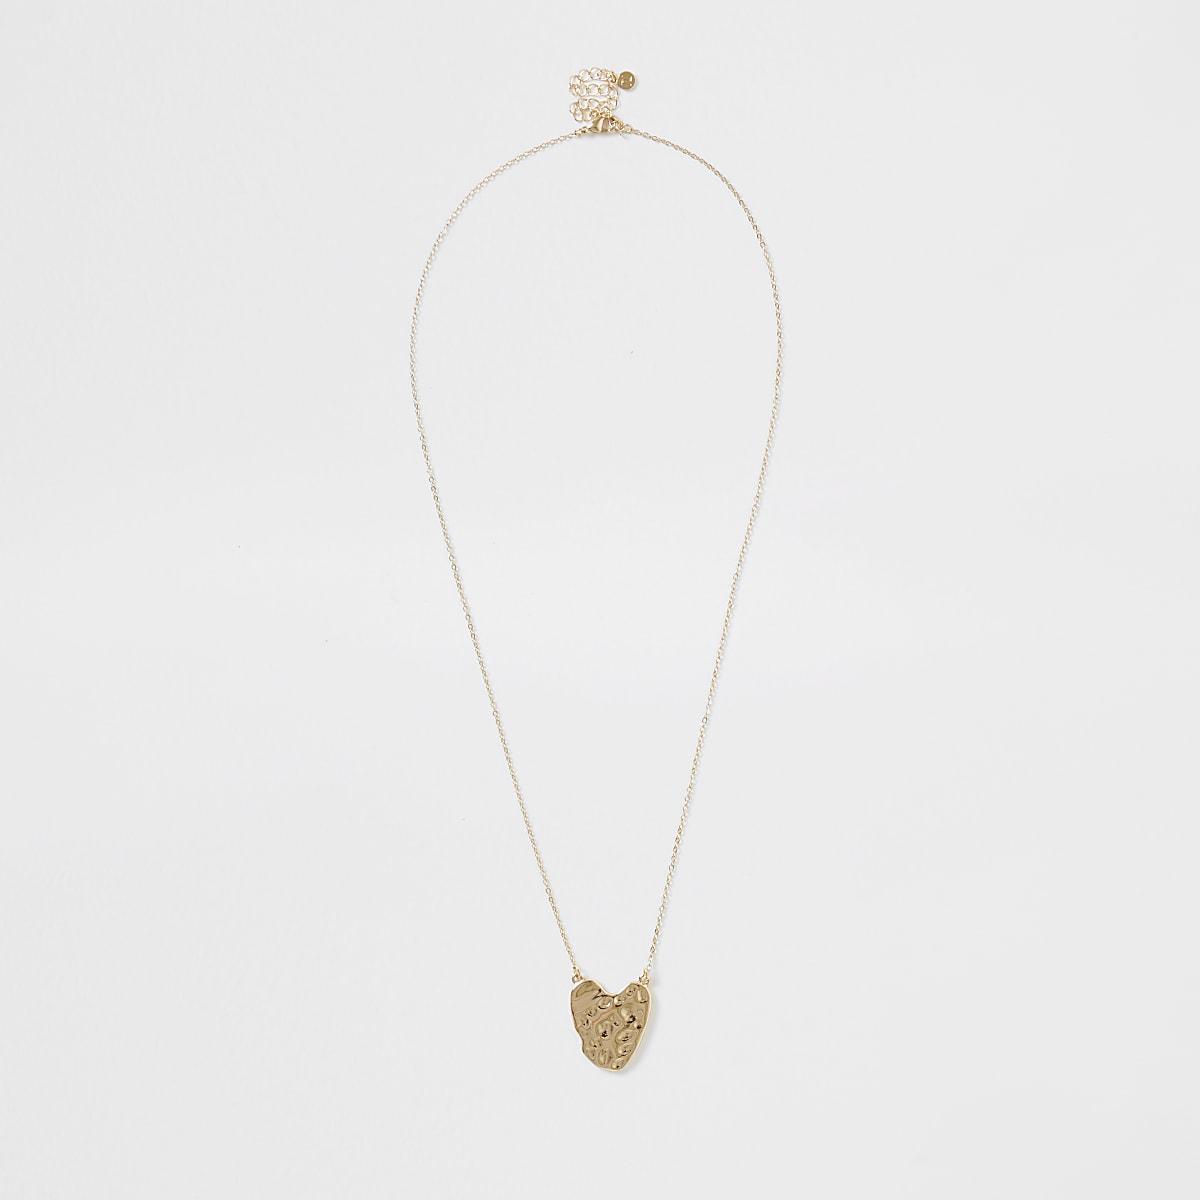 Gold color battered heart necklace